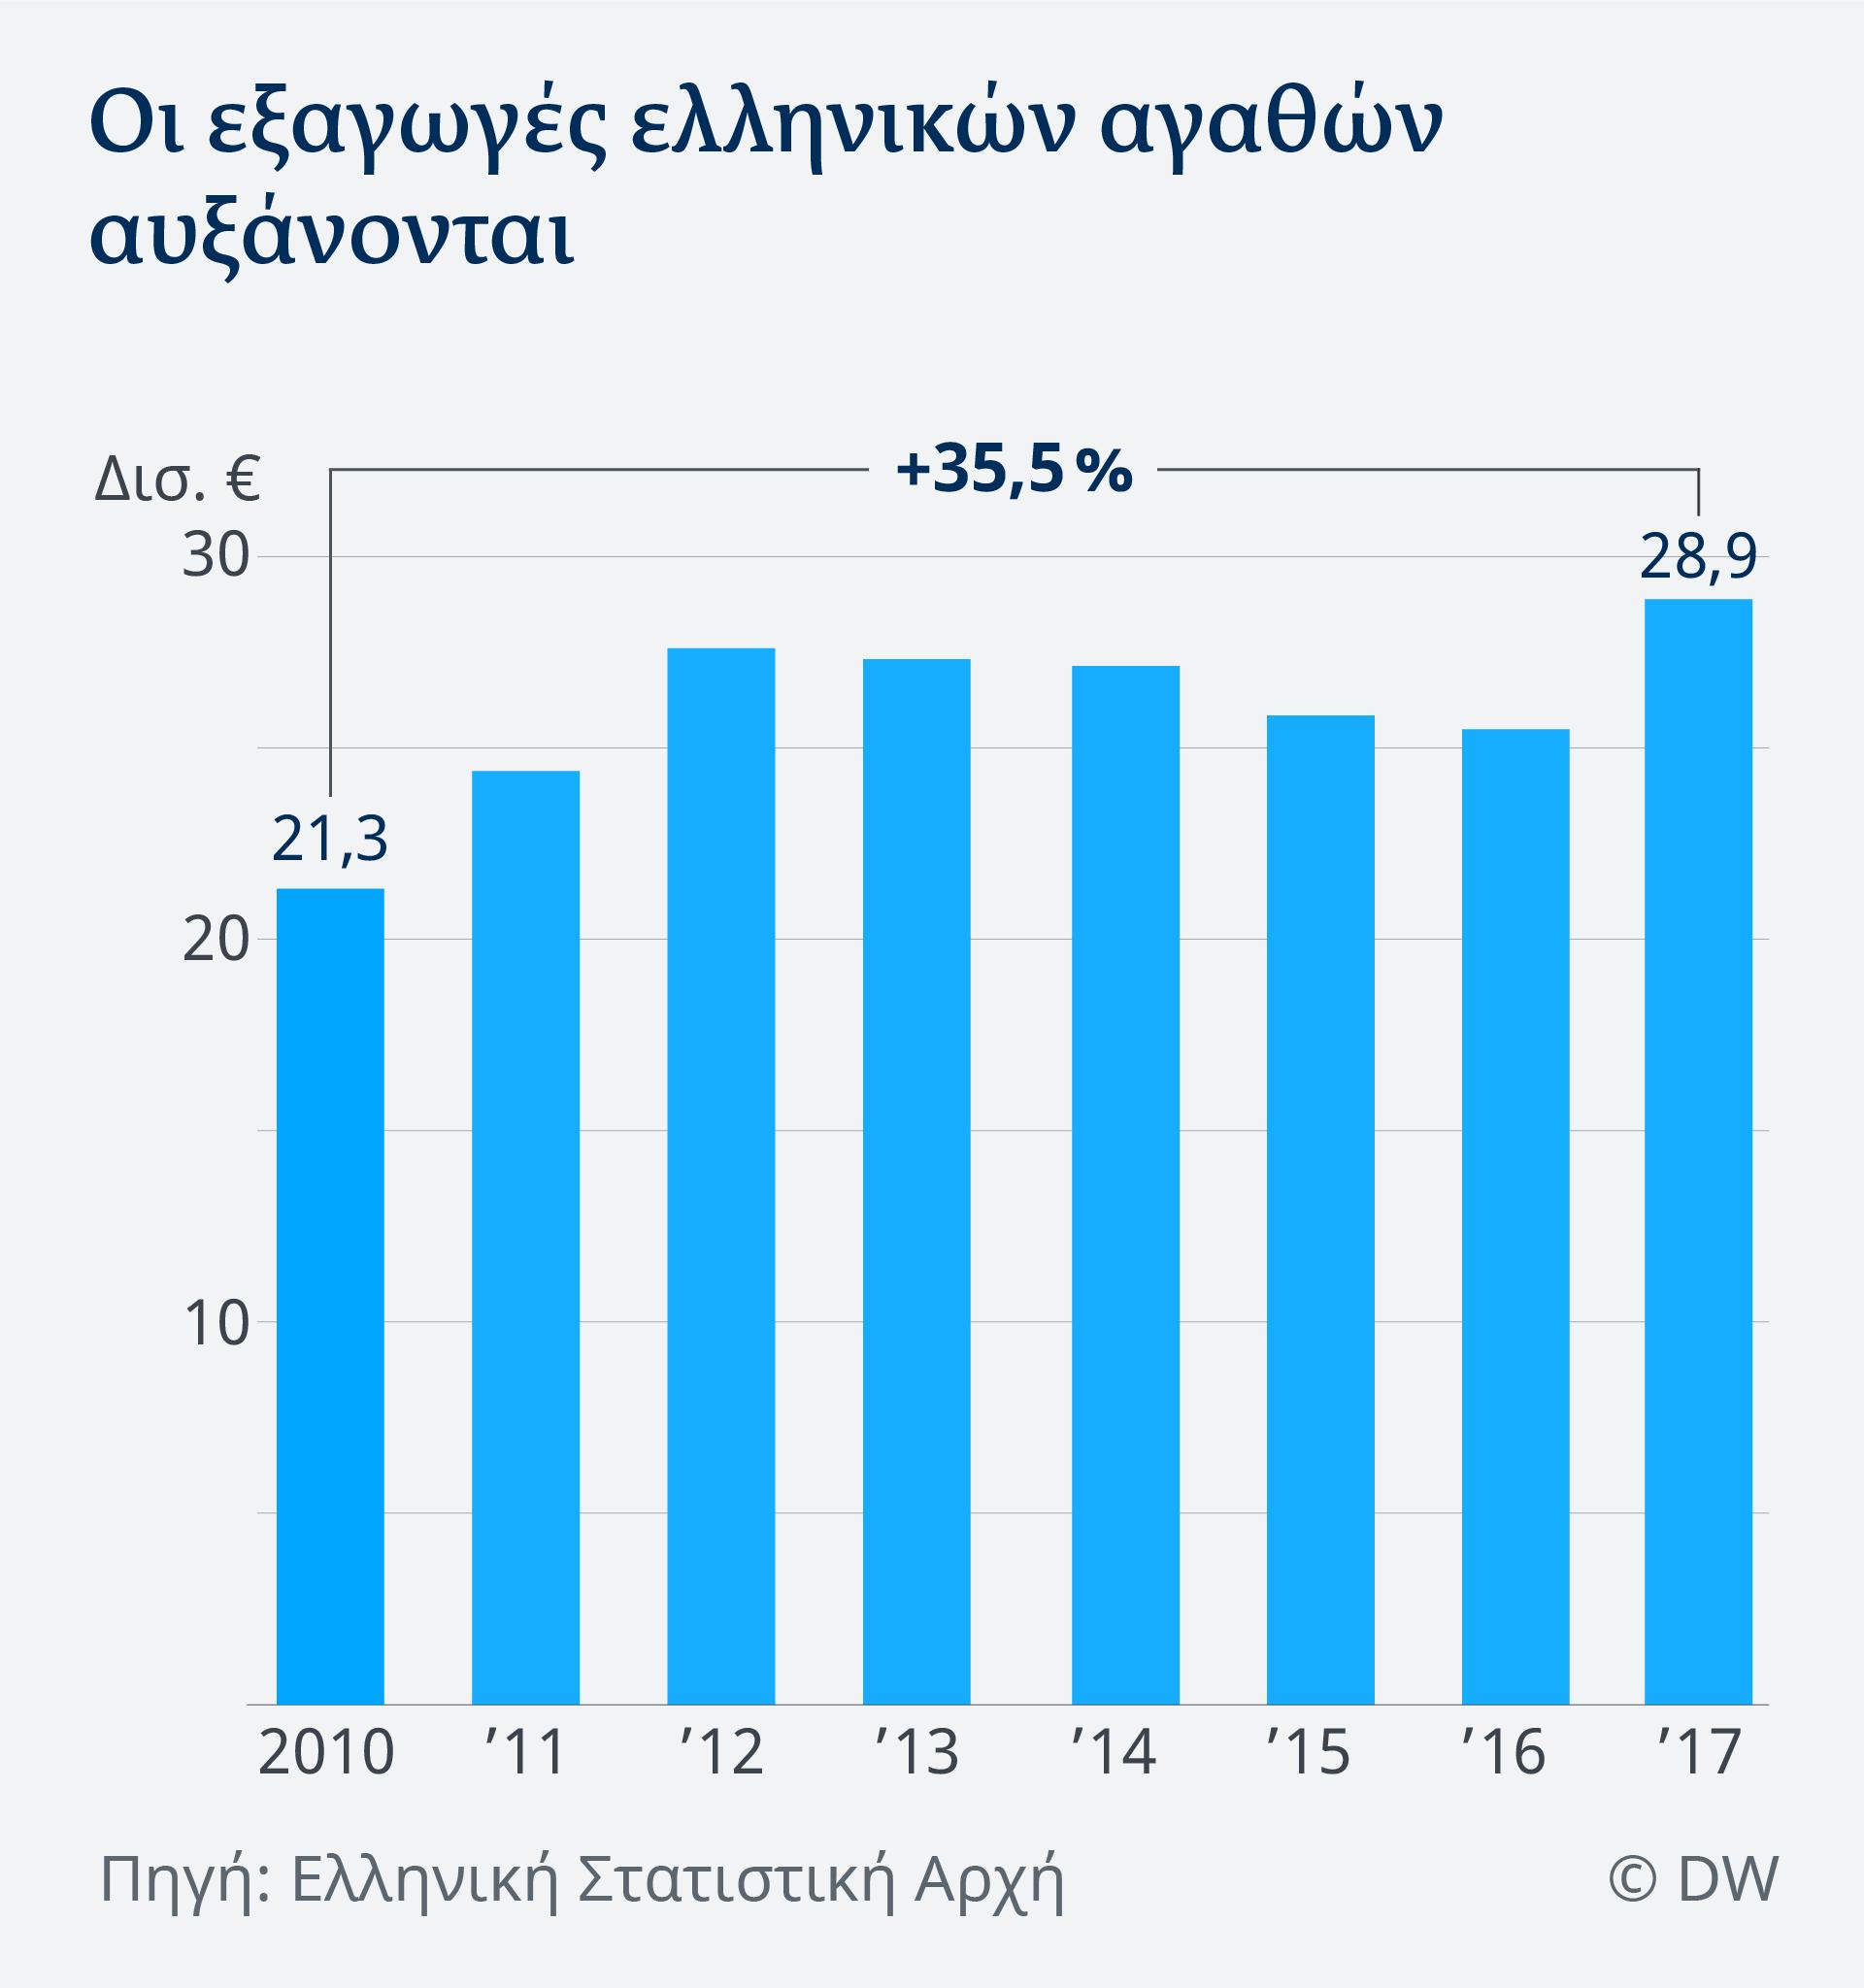 Datenvisualisierung Griechisch Exportvolumen Griechenland